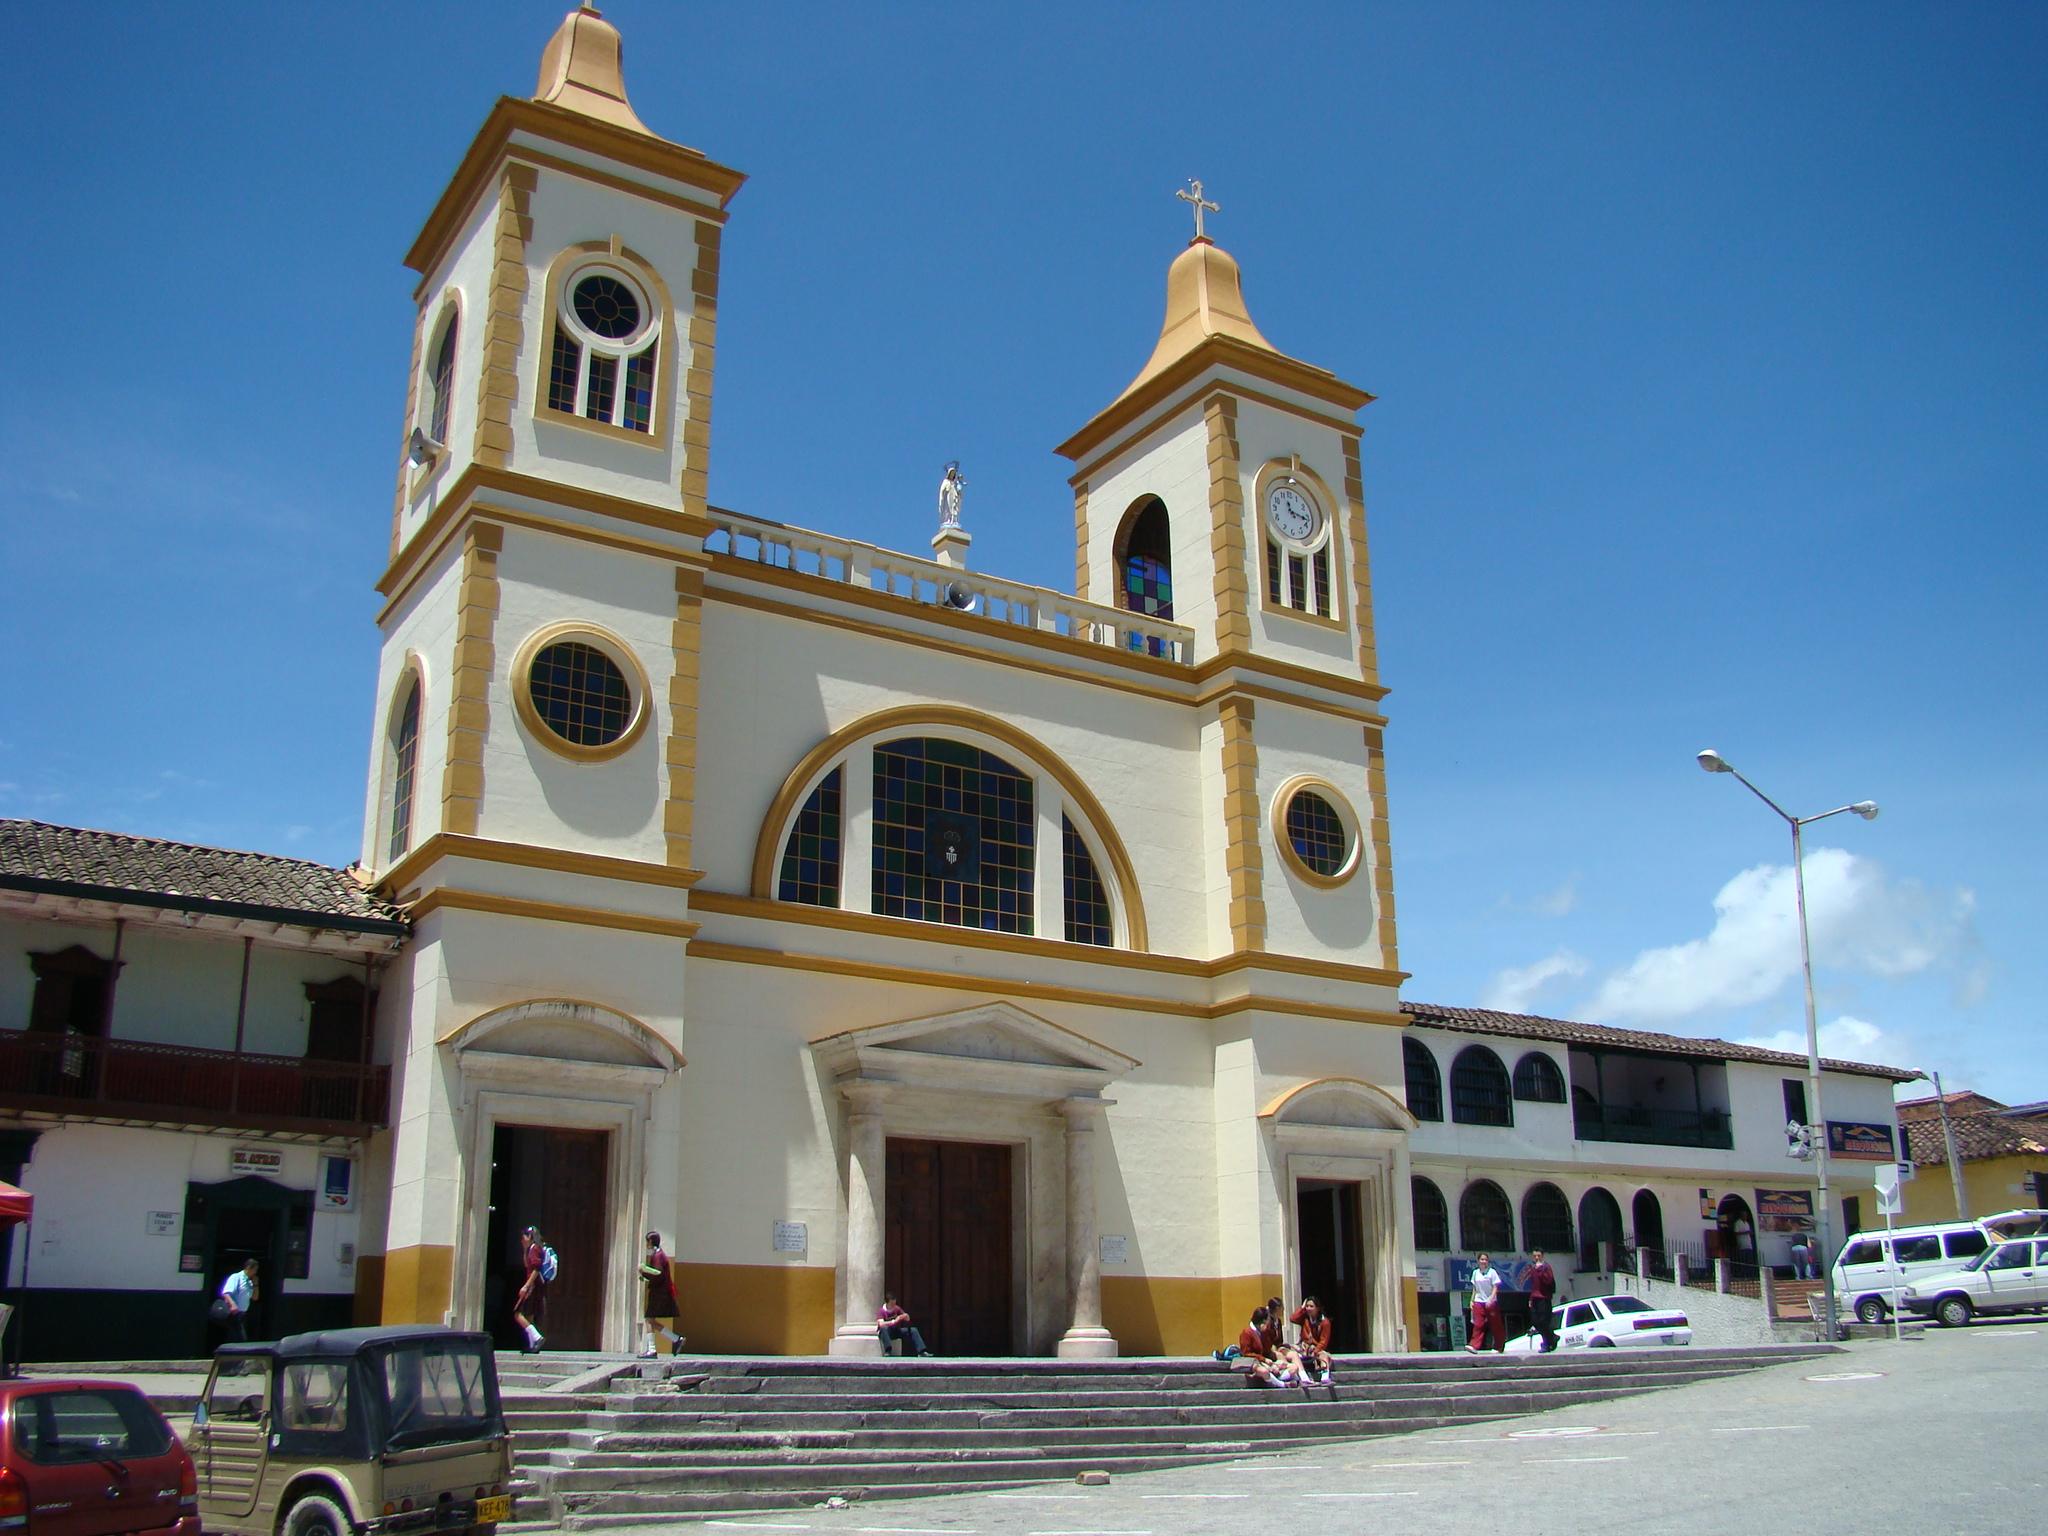 Procuraduría suspendió a directora local de Salud de La Unión, Antioquia